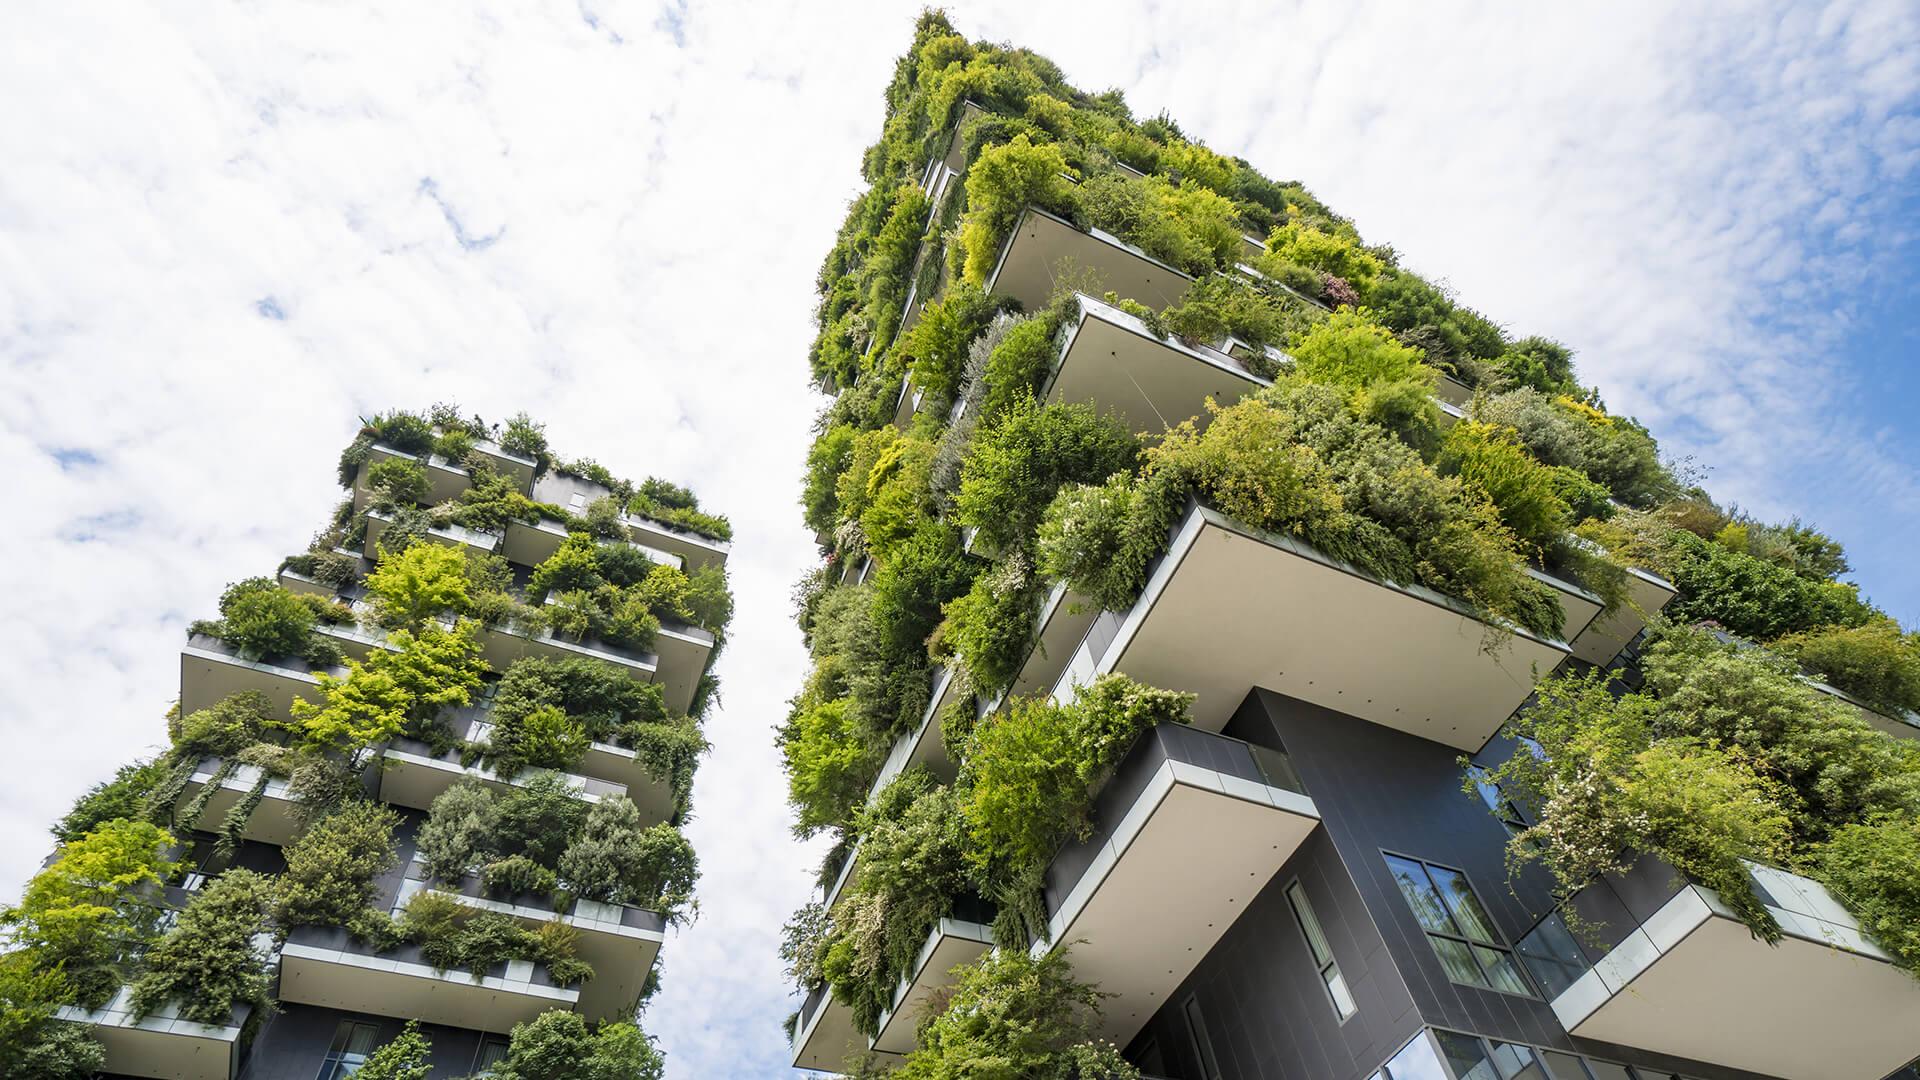 Pese al Covid-19, el mercado de materiales ecológicos ascendería a 574 mil mdd para 2027